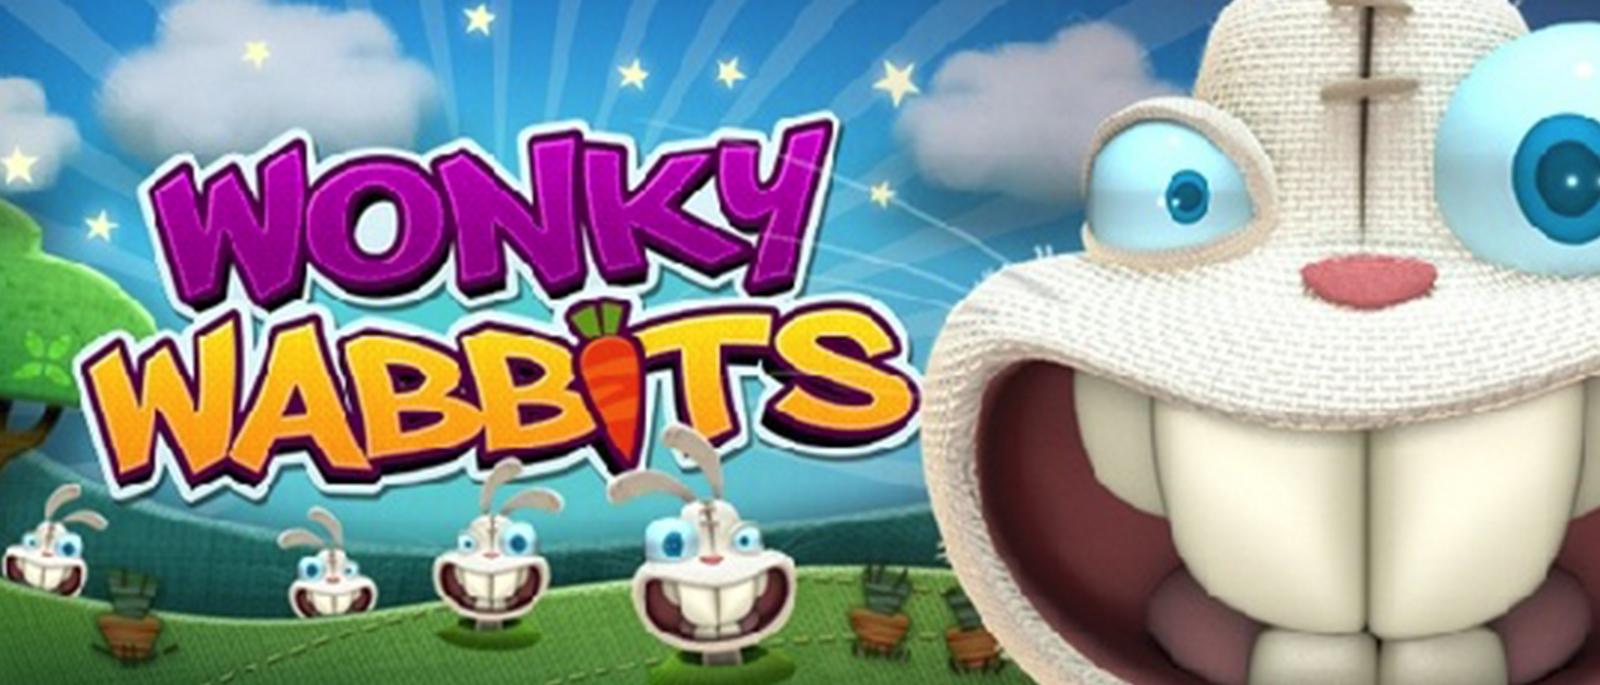 Wonky Wabbits Netent Spielautomat